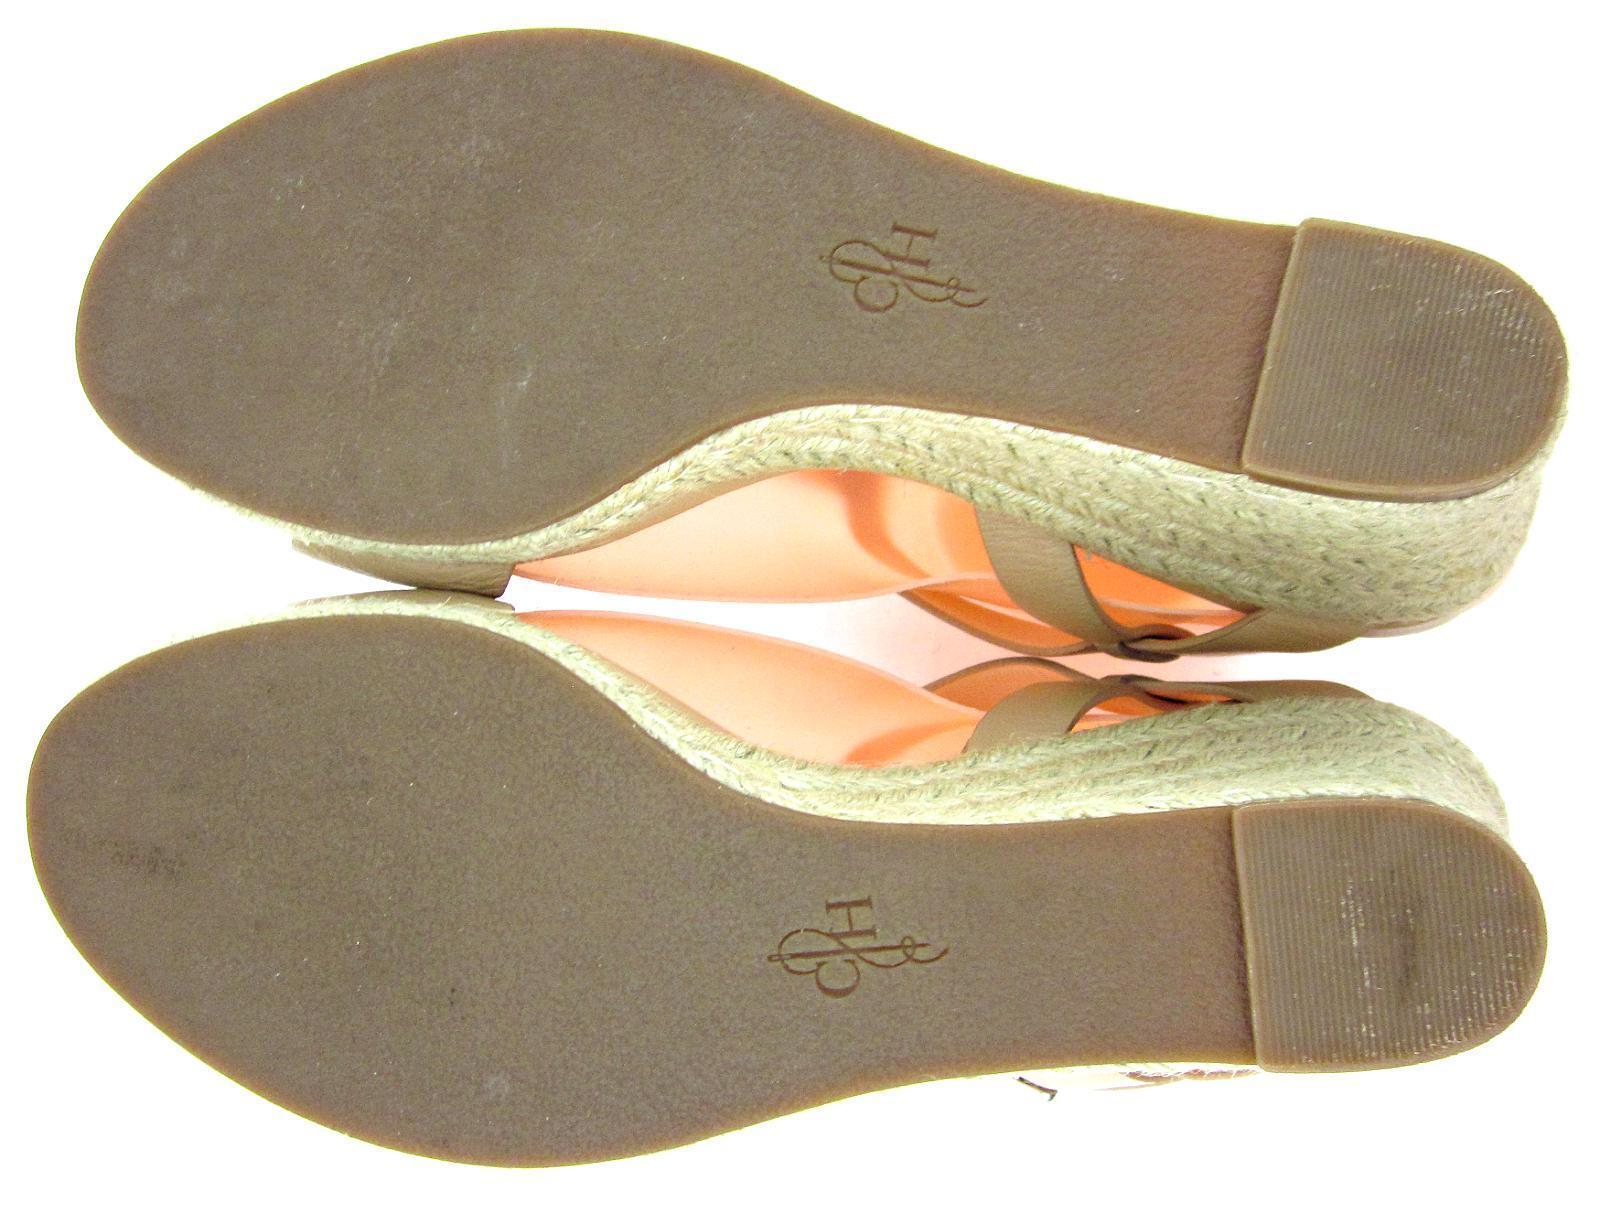 Cole Haan 'Elizabeth' T-Strap Espadrille Wedge 8B Sandales Sandstone Leder Sz 8B Wedge 06fe8a